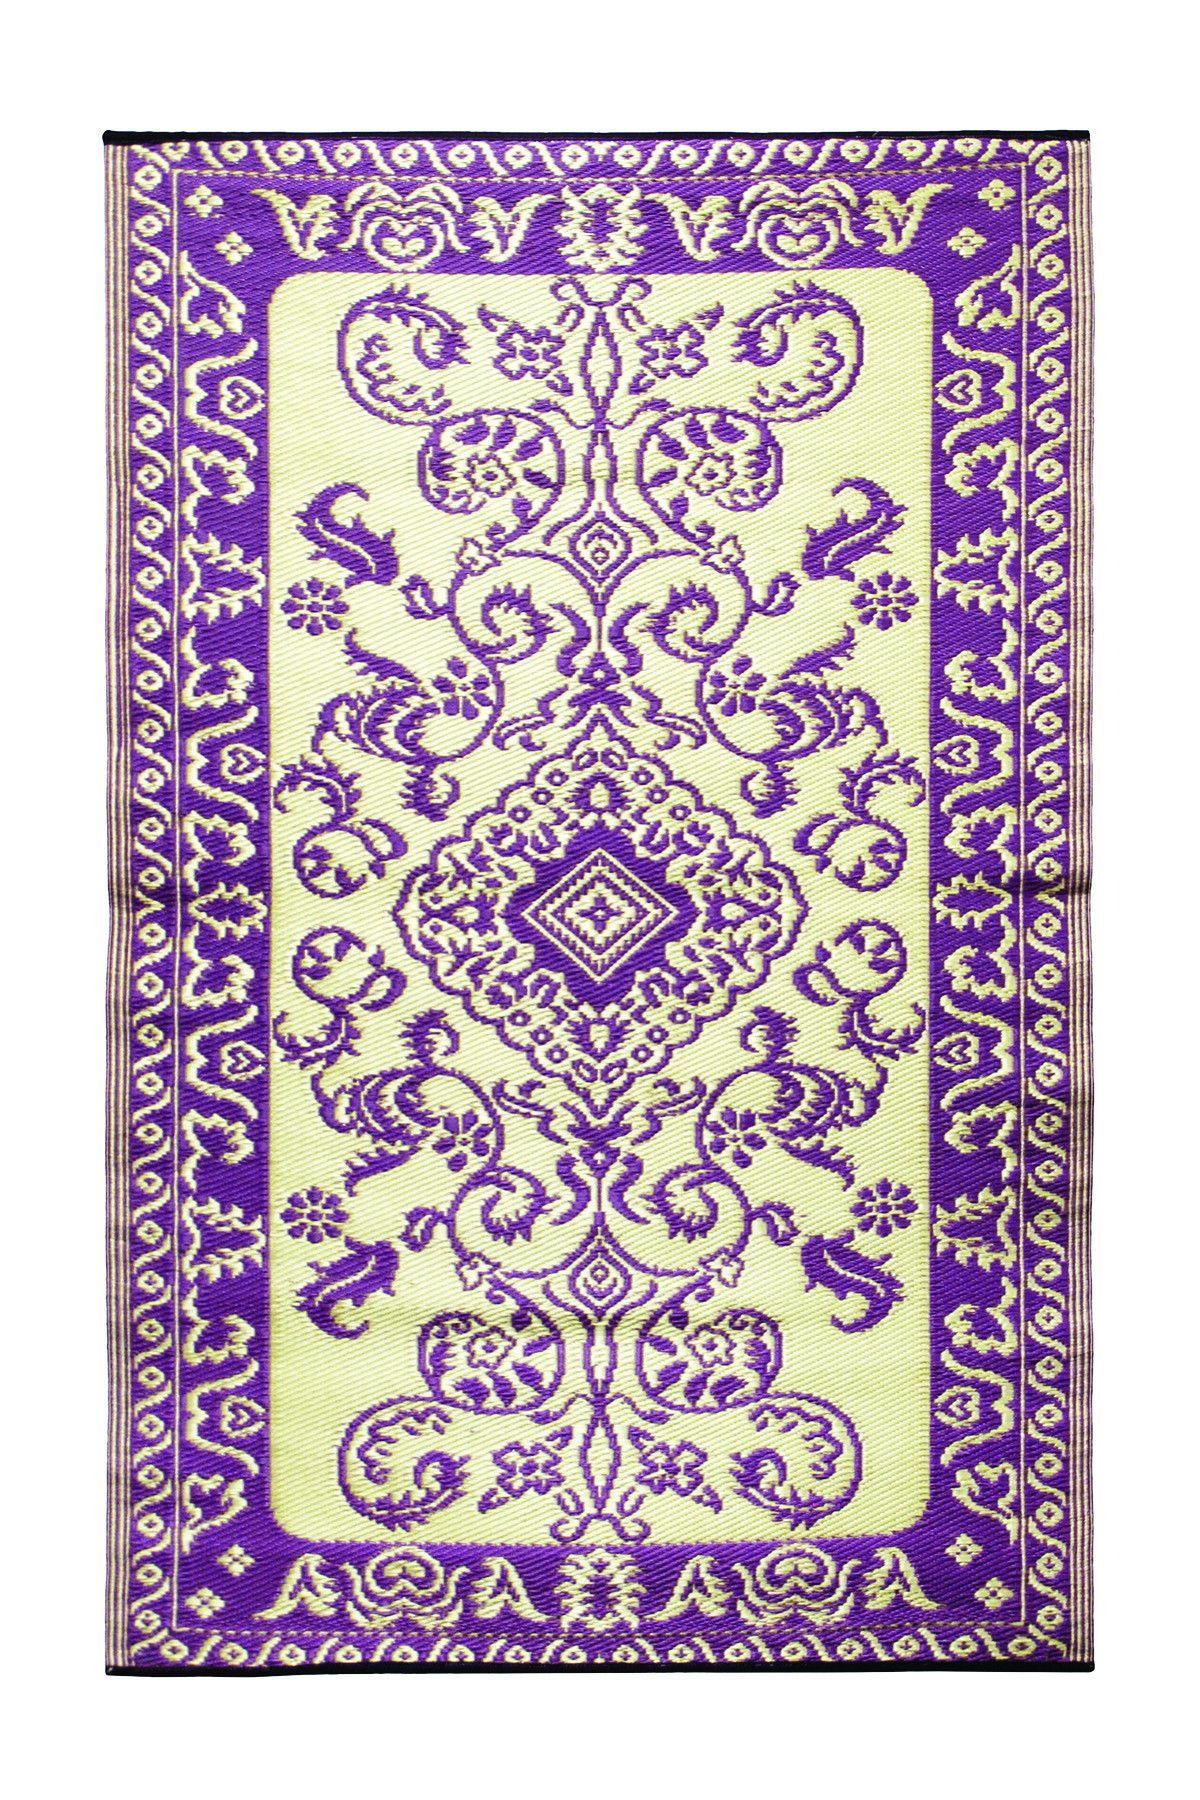 Tracery Violet 4X6 Indoor/outdoor floor mat Area rugs